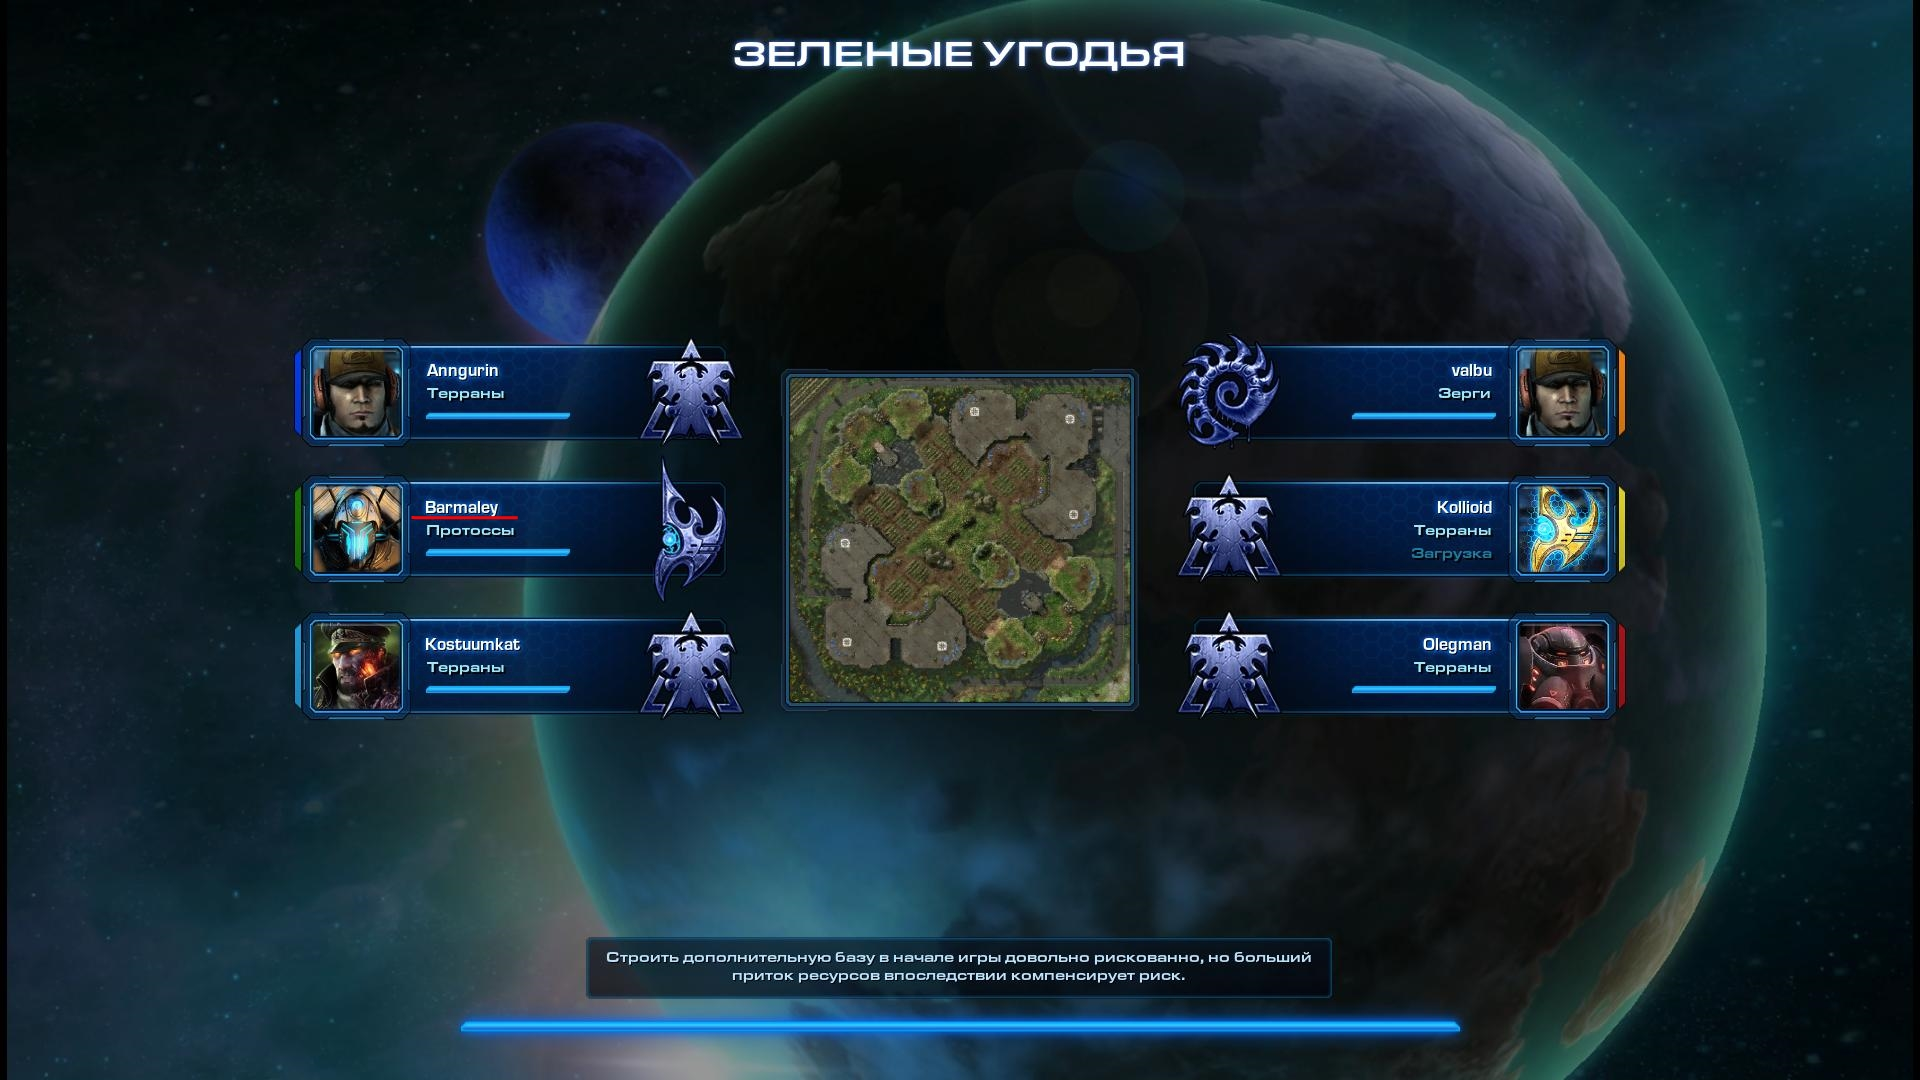 Смешные ники игроков в Star Craft 2 - StarCraft 2: Wings of Liberty ники, смешные, стратегия